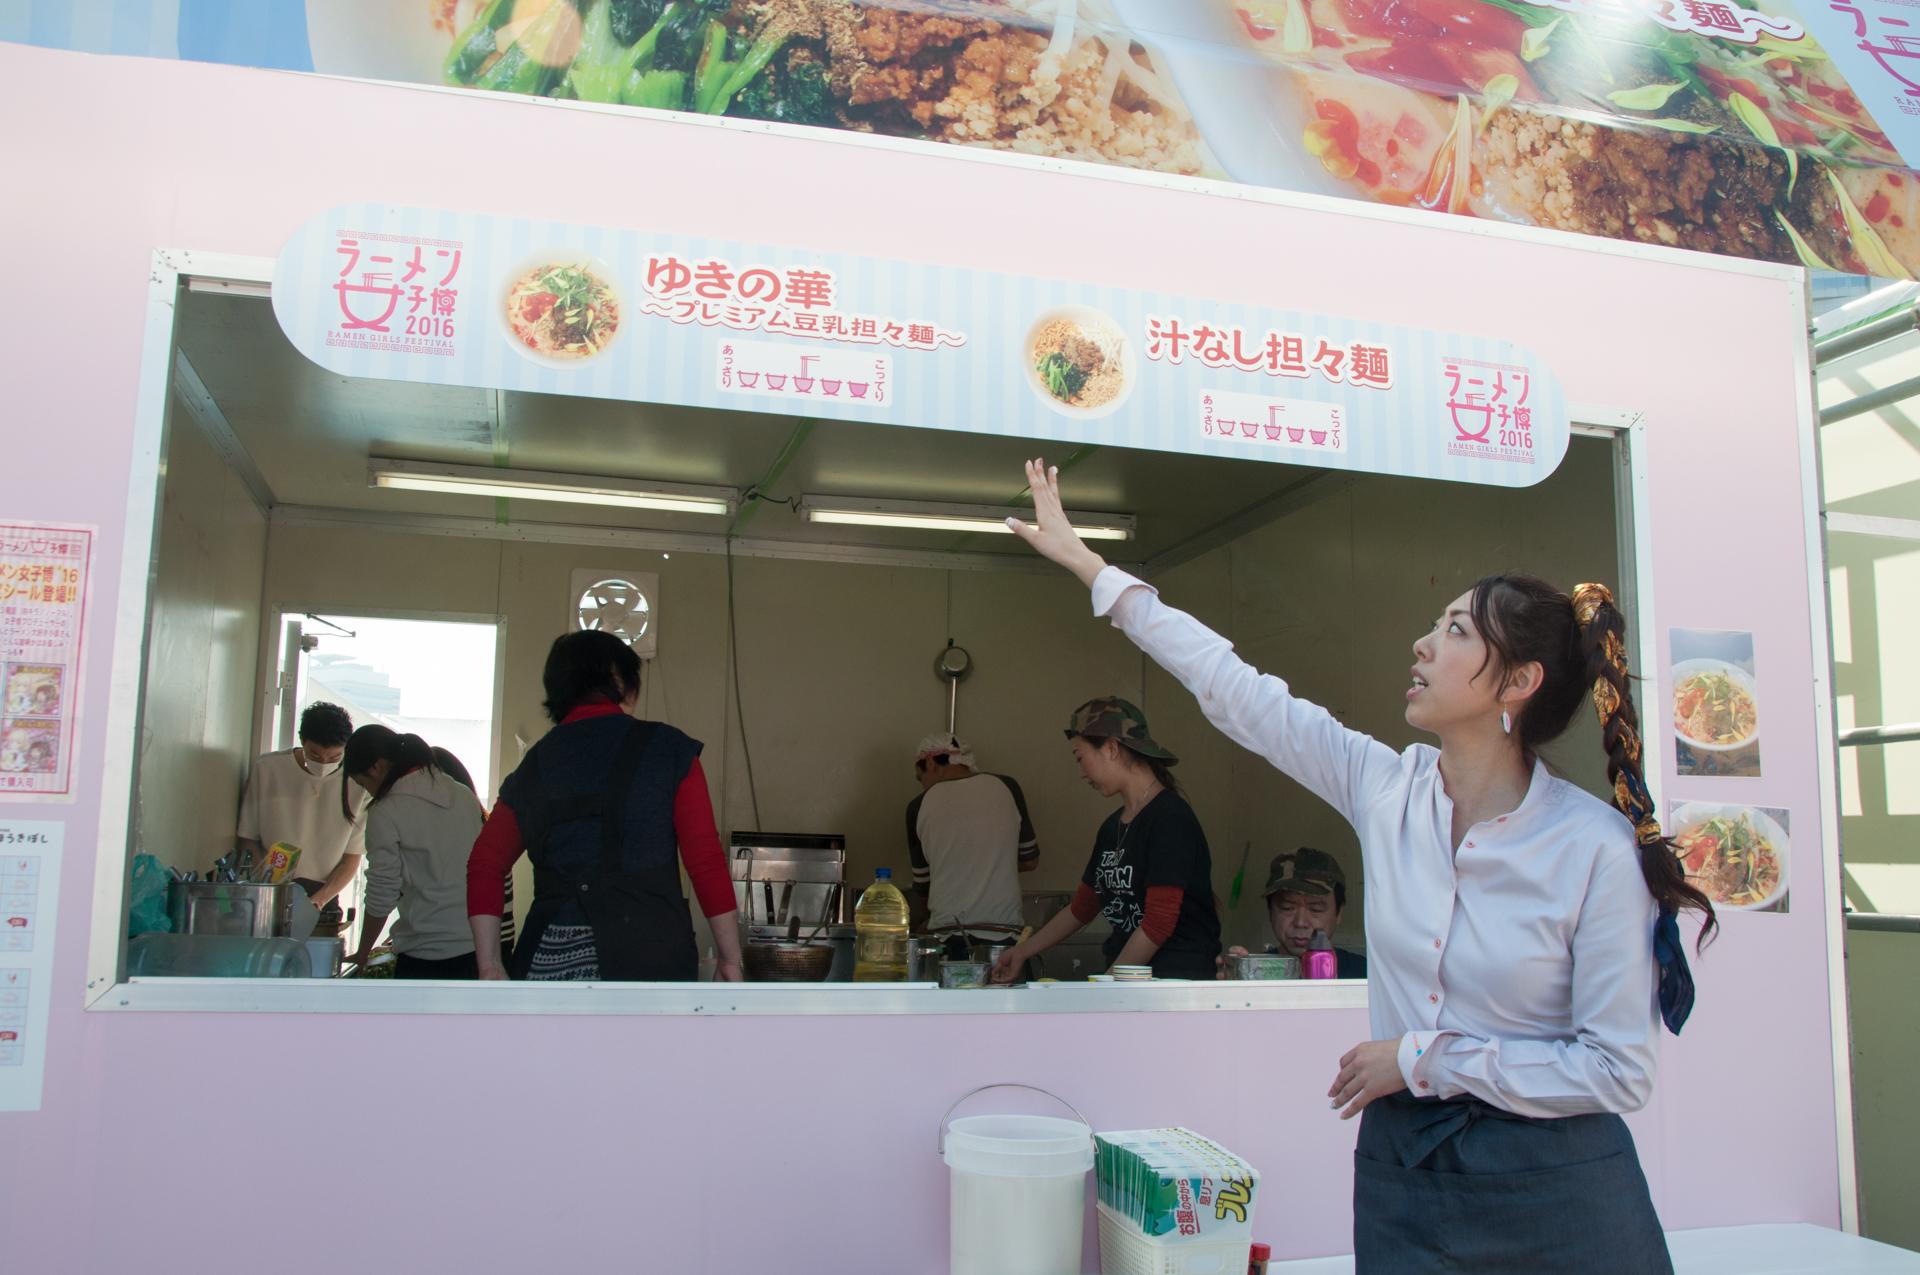 ラーメン女子博 自家製麺 ほうきぼし「ゆきの華〜プレミアム豆乳坦々麺〜」